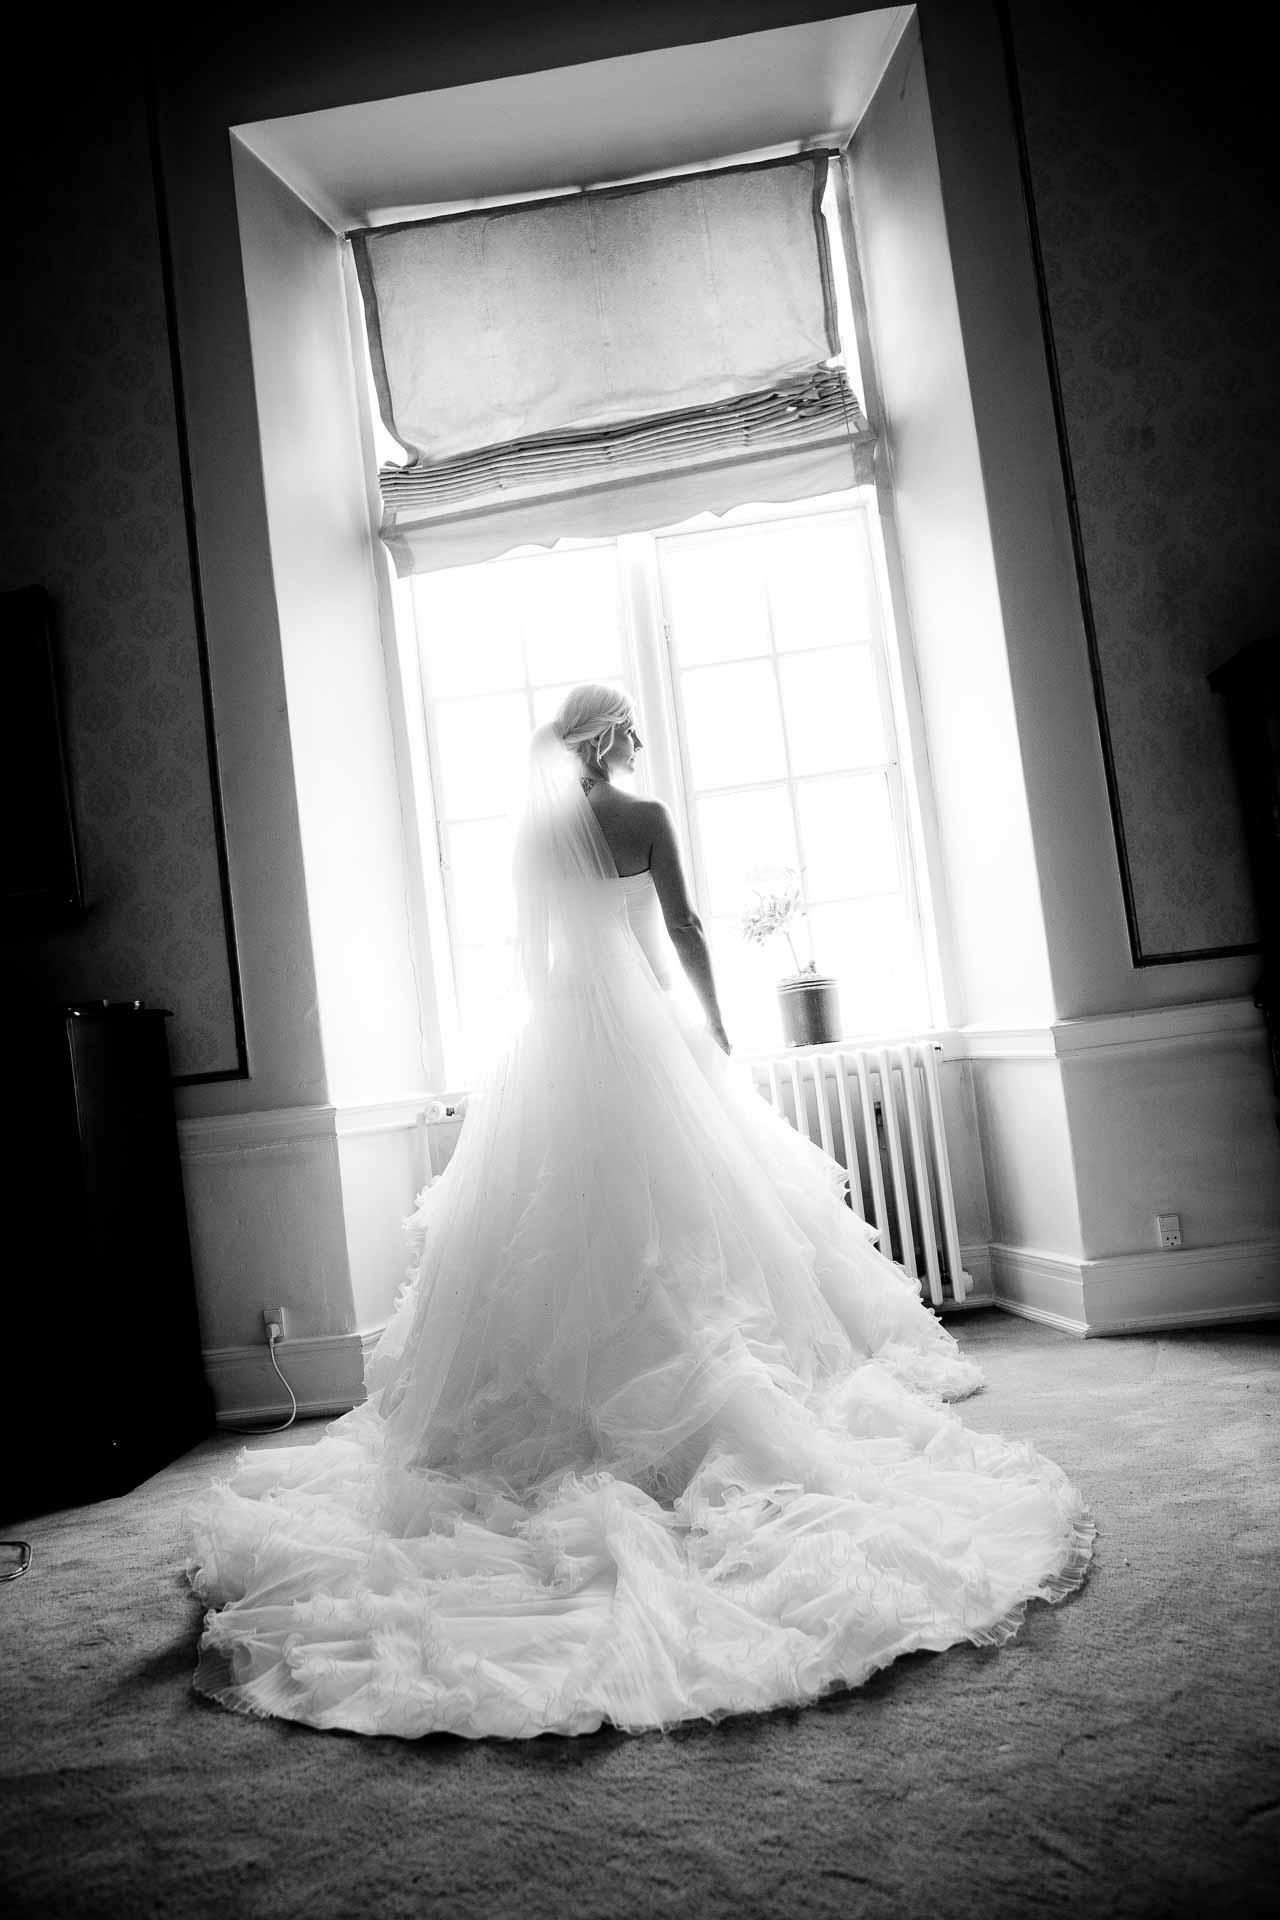 Fotograf Roskilde Roskilde - fotografer, erhvervsfoto, annoncefotos, firmafoto, bryllupsfotografering, portrætter